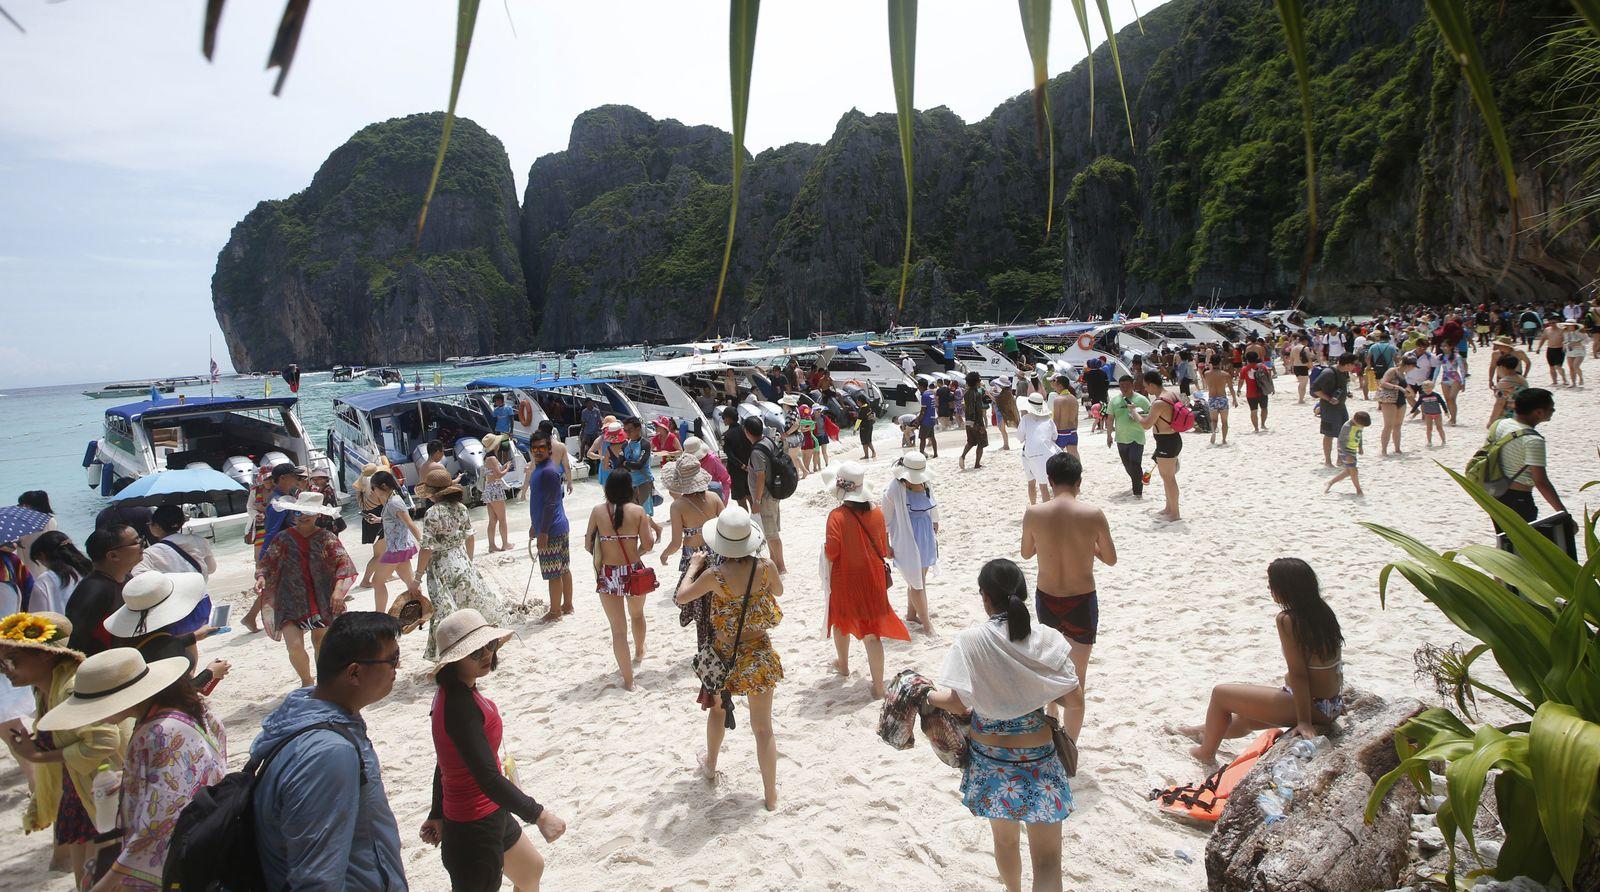 Maya Bay, Phi Phi Leh island in Krabi